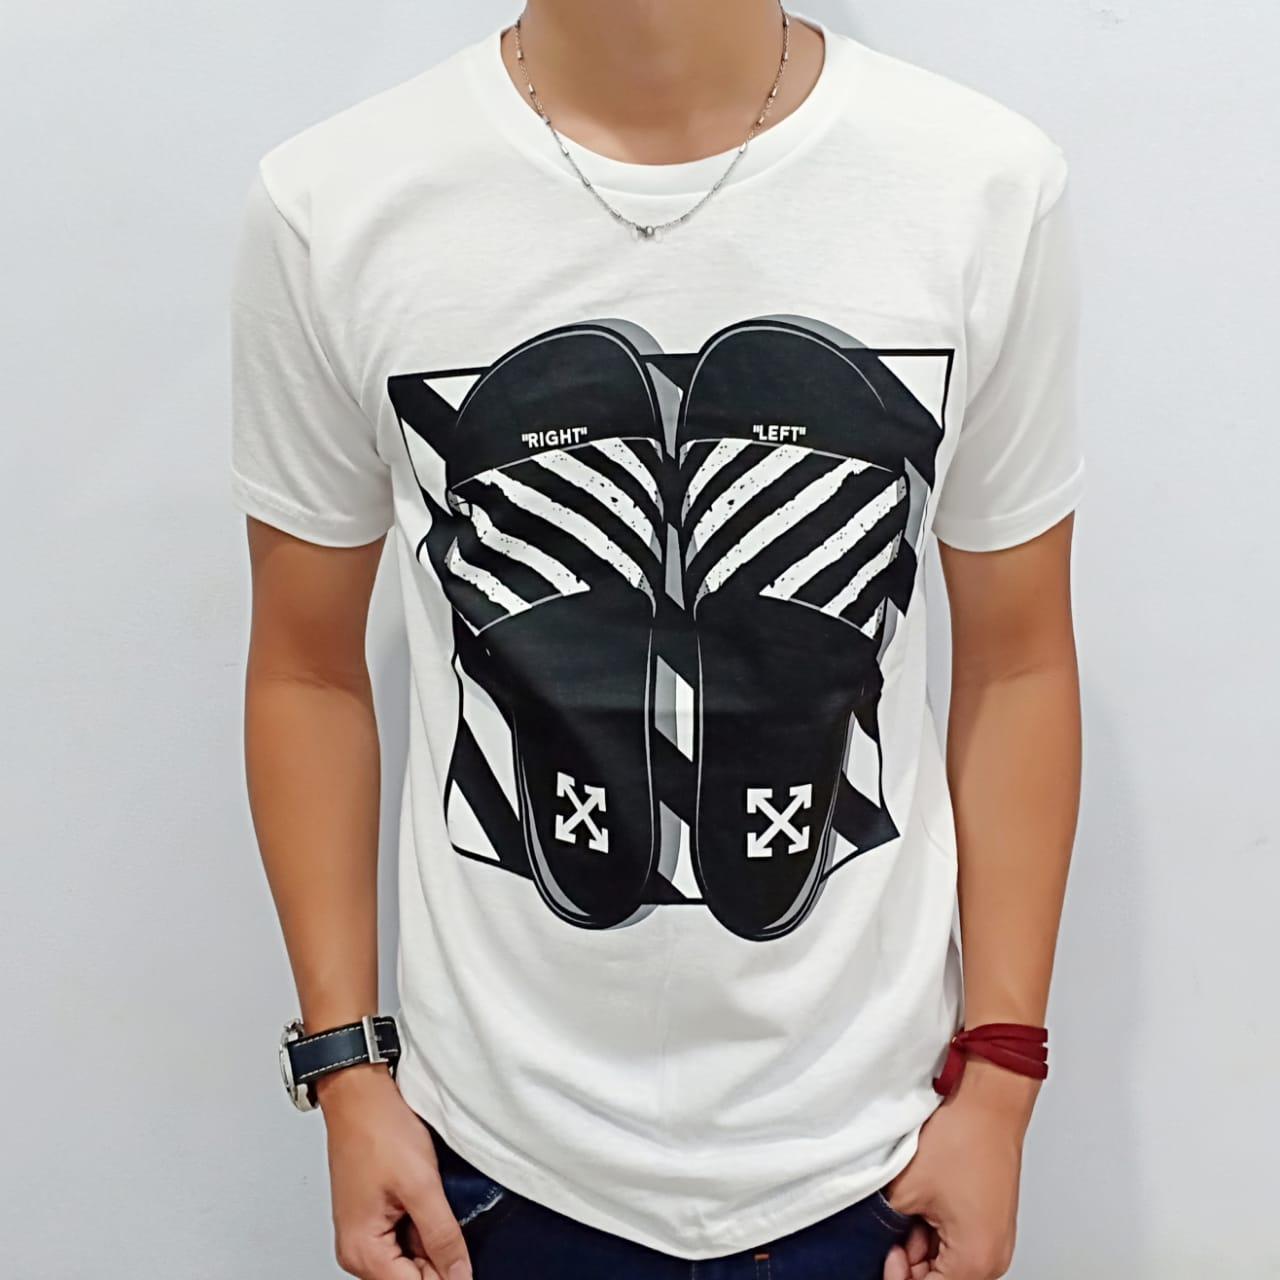 Master Tee Kaos Pria Distro T Shirt Fashion 100 Soft Cotton Combed 30s Wanita Cewe Cowo